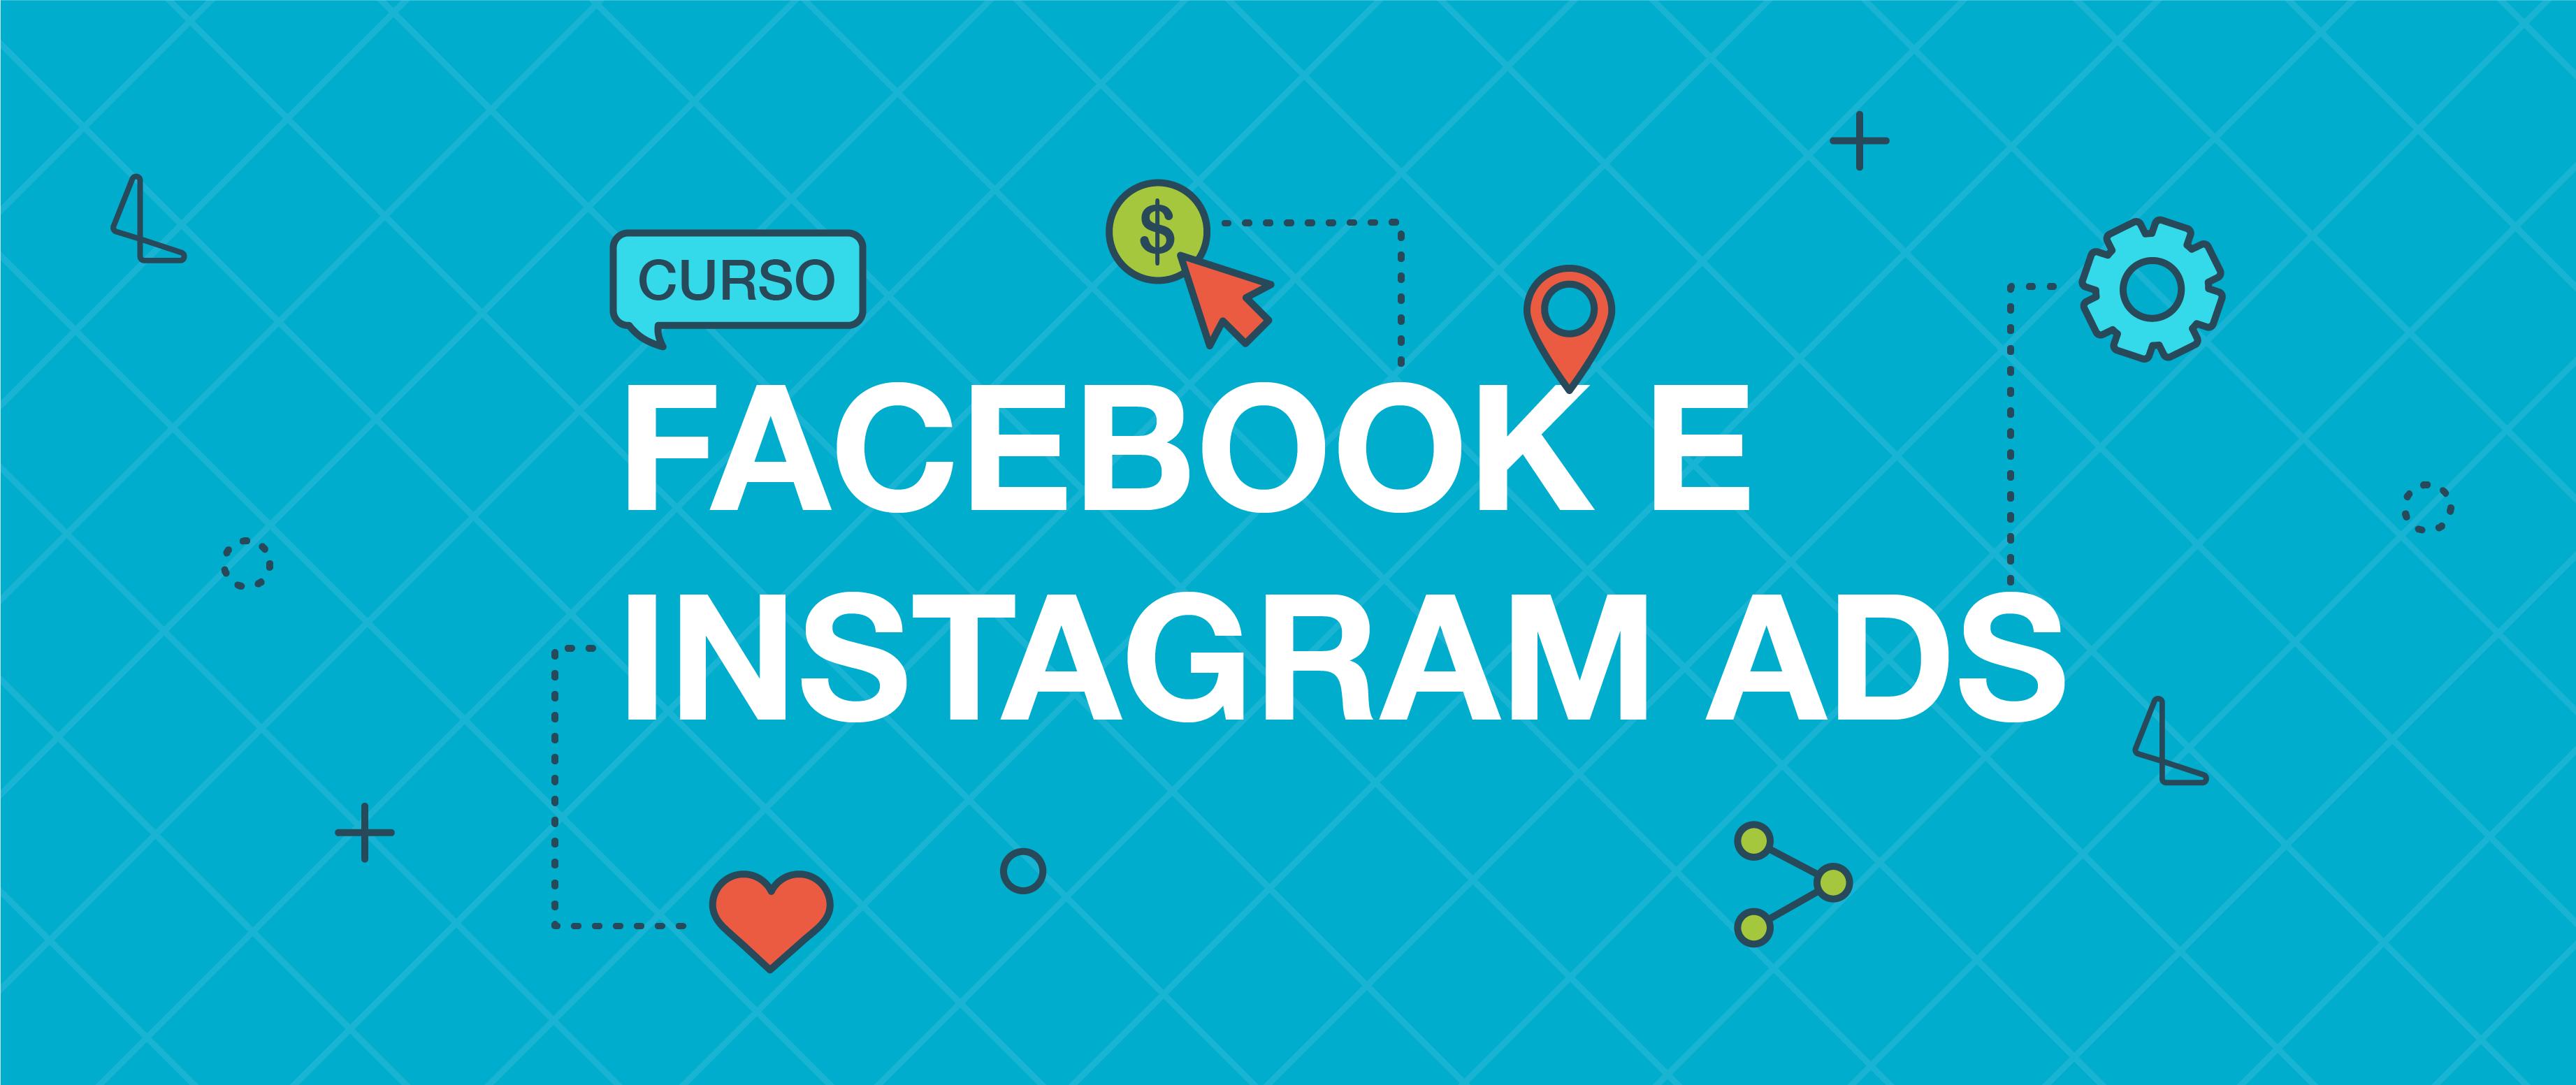 Facebook e Instagram Ads [ONLINE]